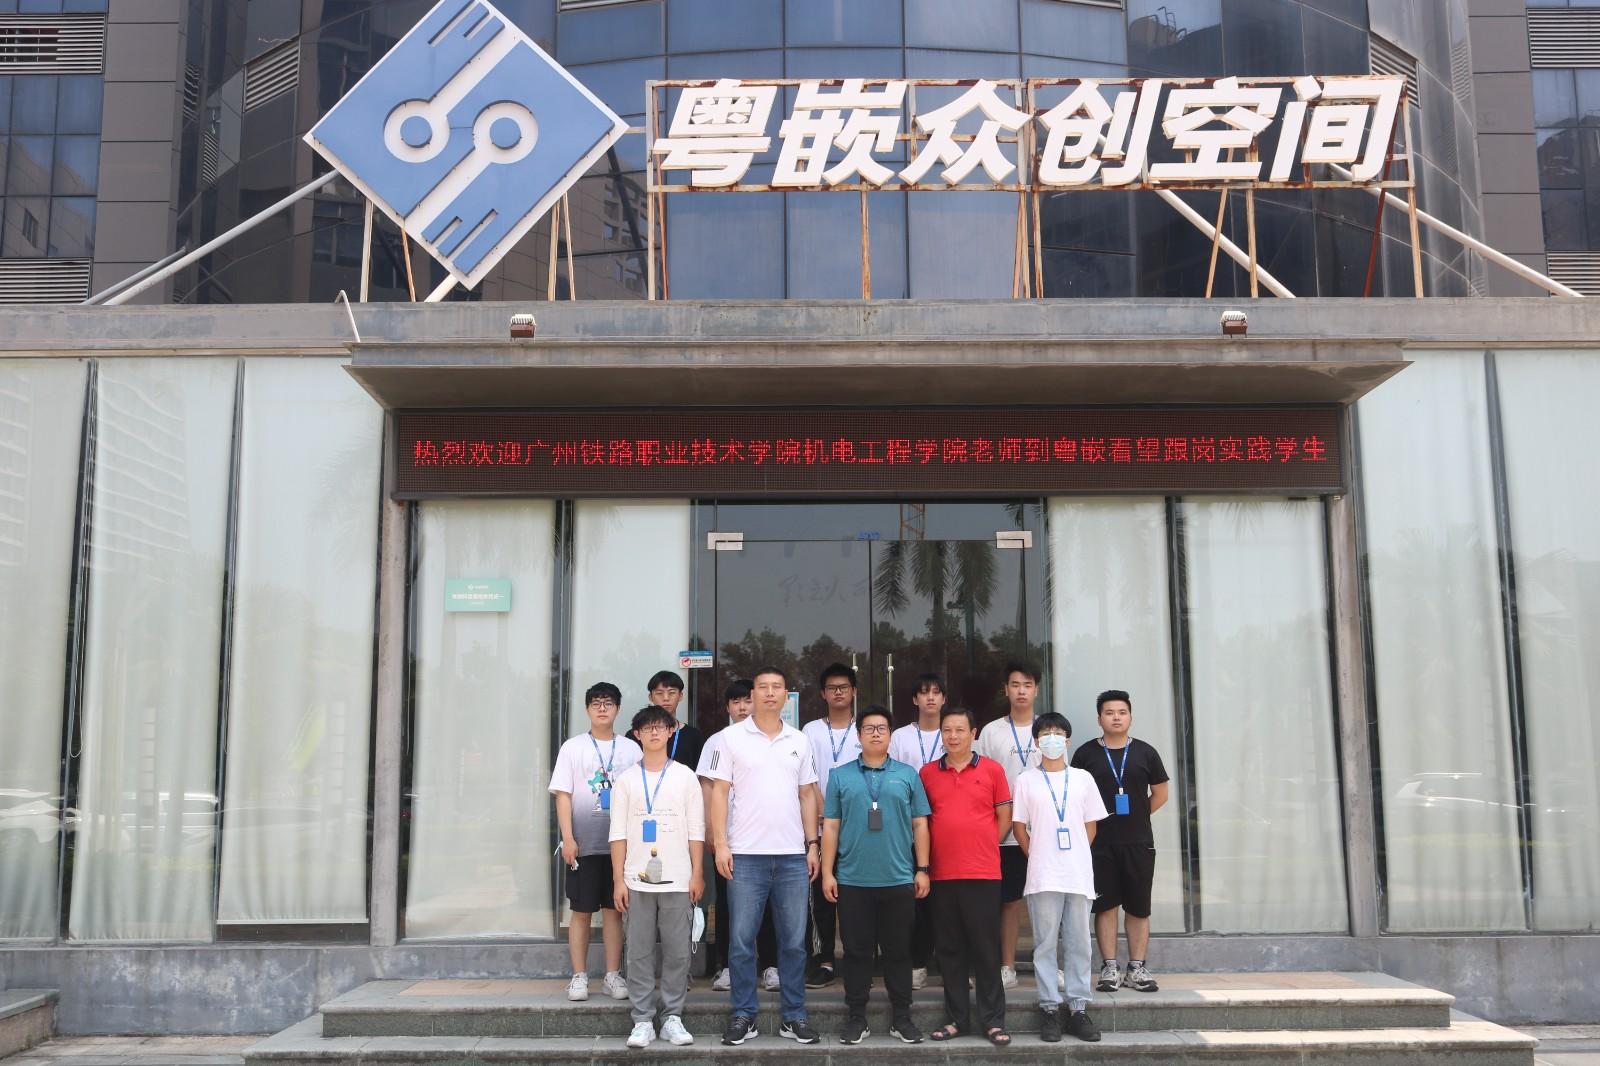 热烈欢迎广州铁路职业技术学院机电工程学院老师到粤嵌看望跟岗实践学生